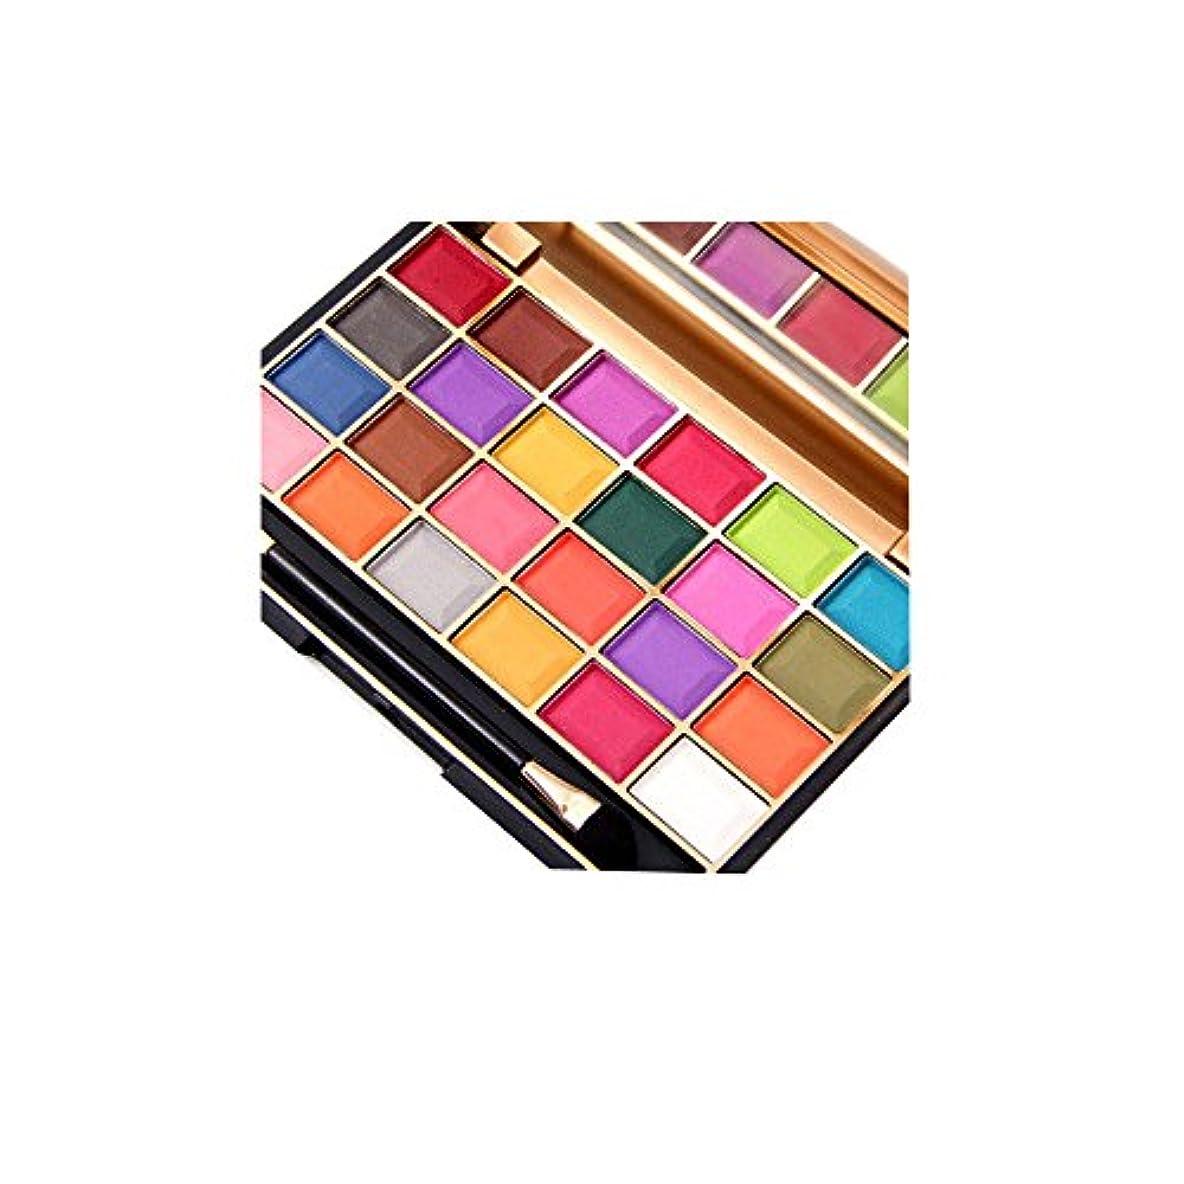 コロニー極めて重要なメロディーアイシャドウパレット YOKINO アイシャドウ 防水 アイビューティー 化粧板 高品質 自然 南美色 24色 (F)